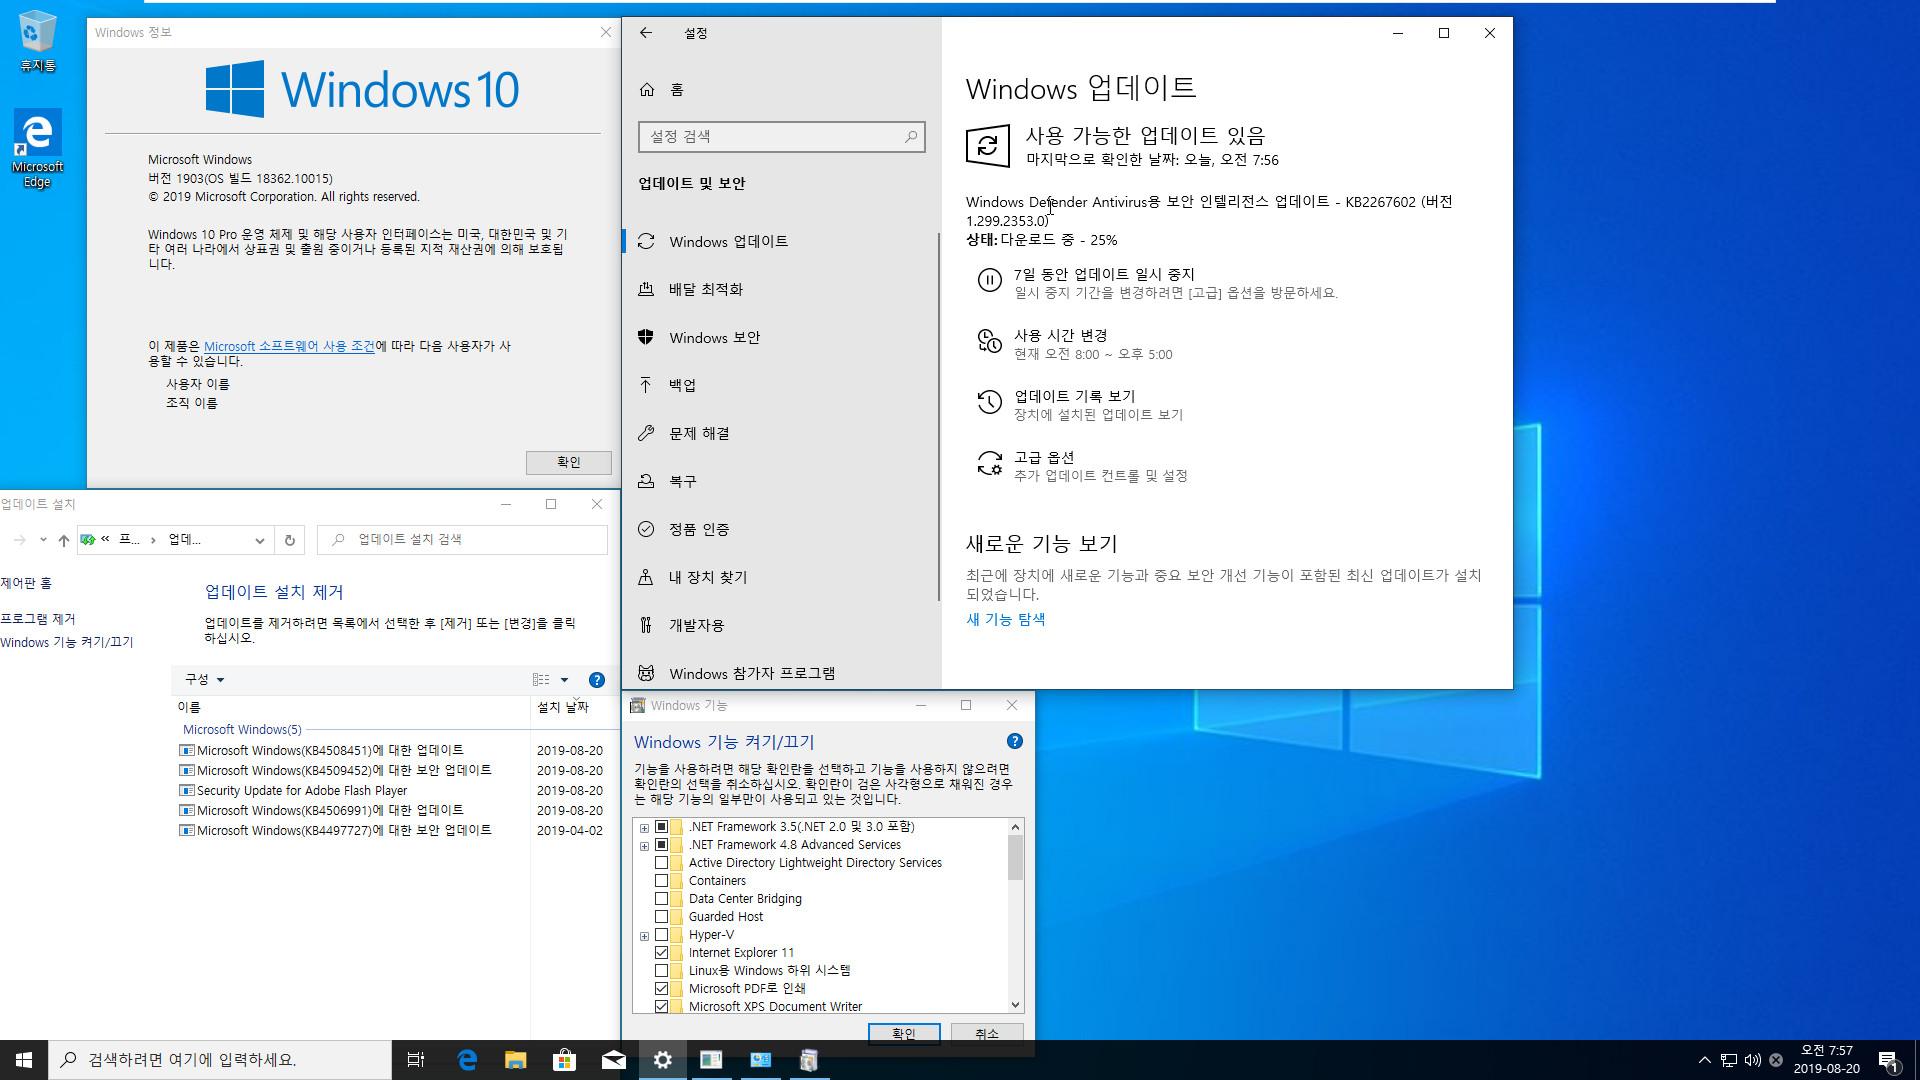 Windows 10 19H2 ì¸ì¬ì´ë í리뷰 KB4508451 ëì ìë°ì´í¸ (OS ë¹ë 18362.10015) [2019-08-19 ì¼ì] ëìë¤ì - 64ë¹í¸ íë¡ë§ íµí©í©ëë¤ 2019-08-20_075716.jpg